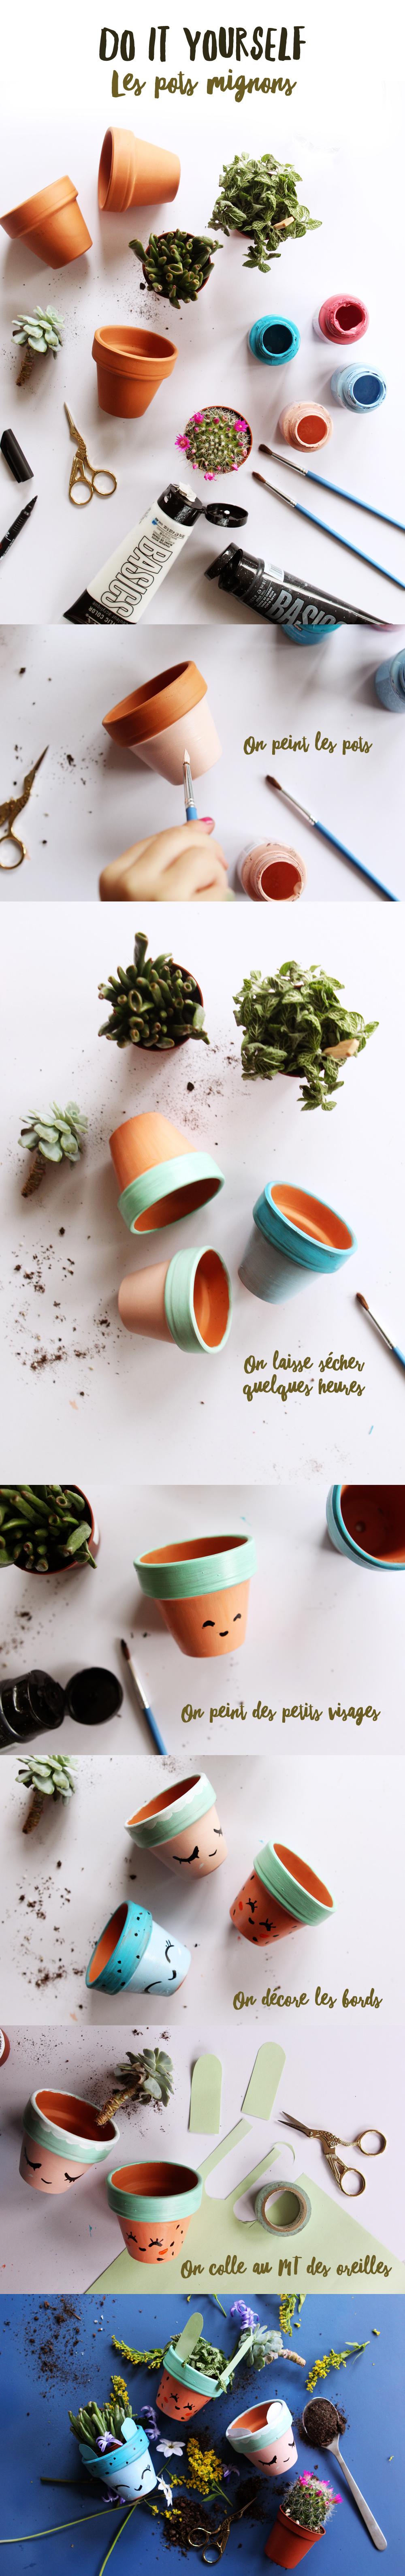 pots bonhommes-diy poulettemagique 4